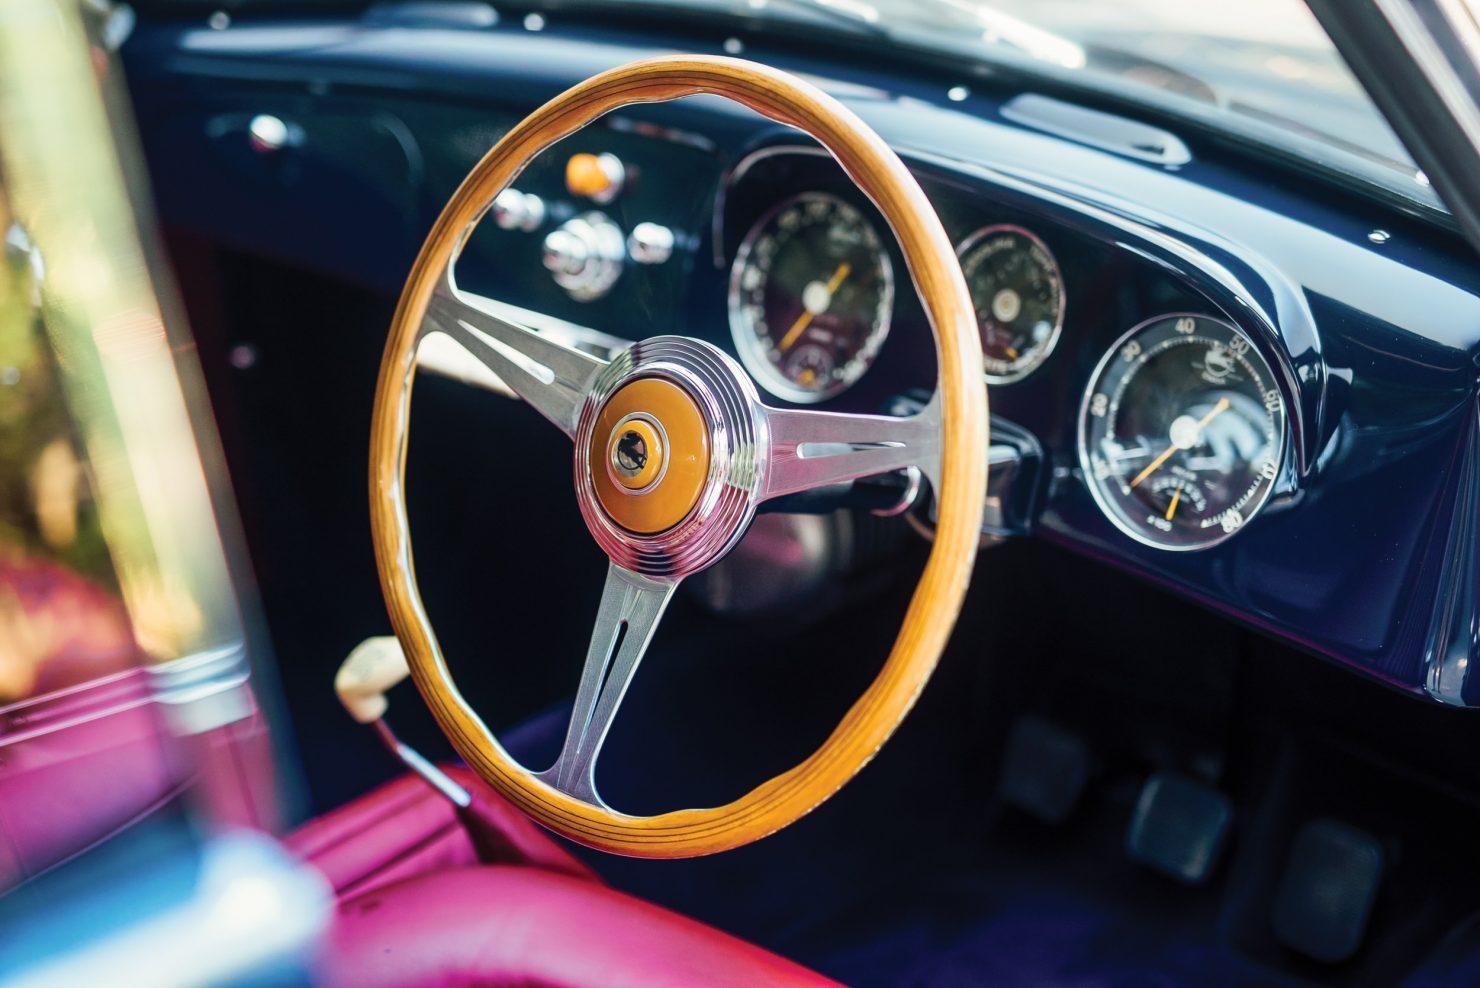 pegaso z 102 car 12 1480x988 - 1954 Pegaso Z-102 Series II Saoutchik